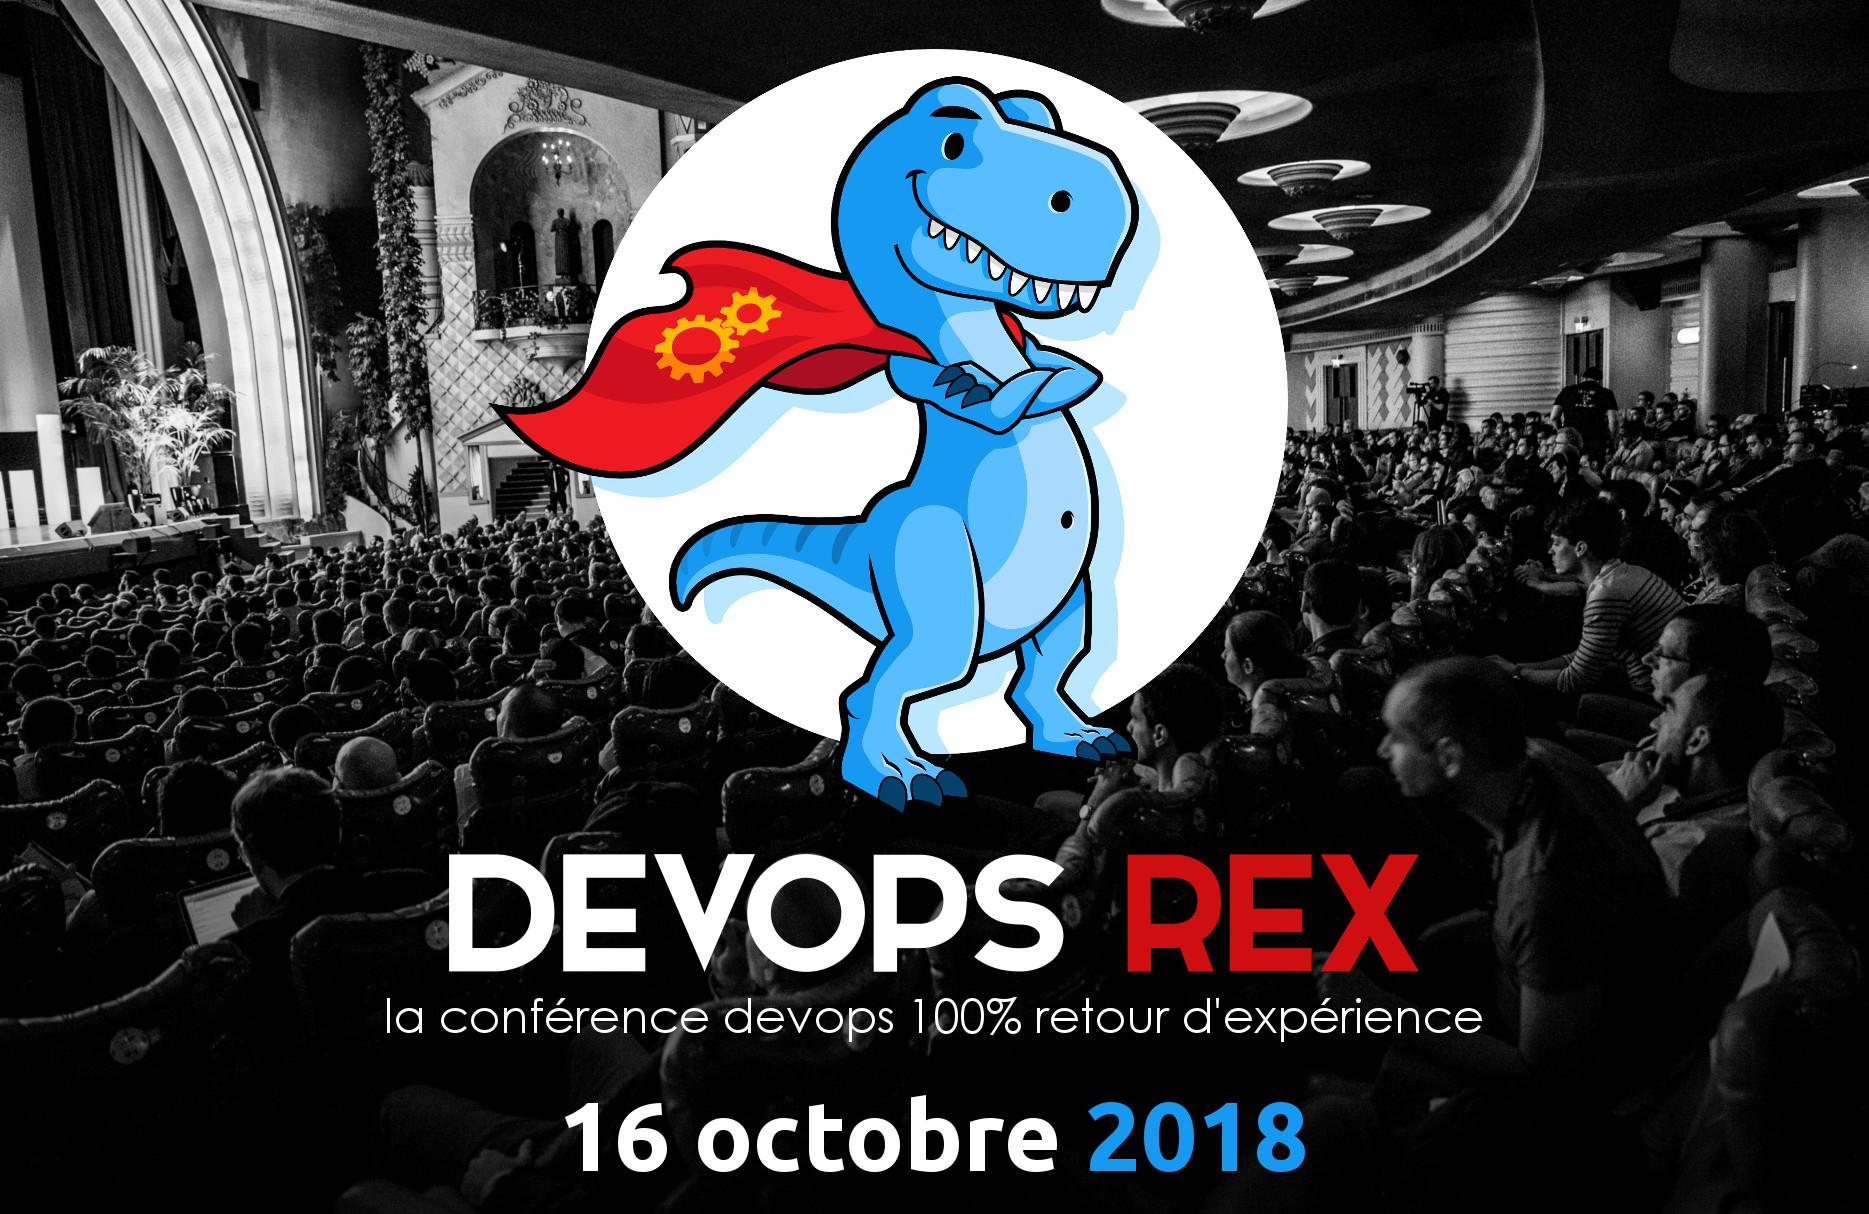 devops REX 2018 - la conférence devops 100% retour d'expérience